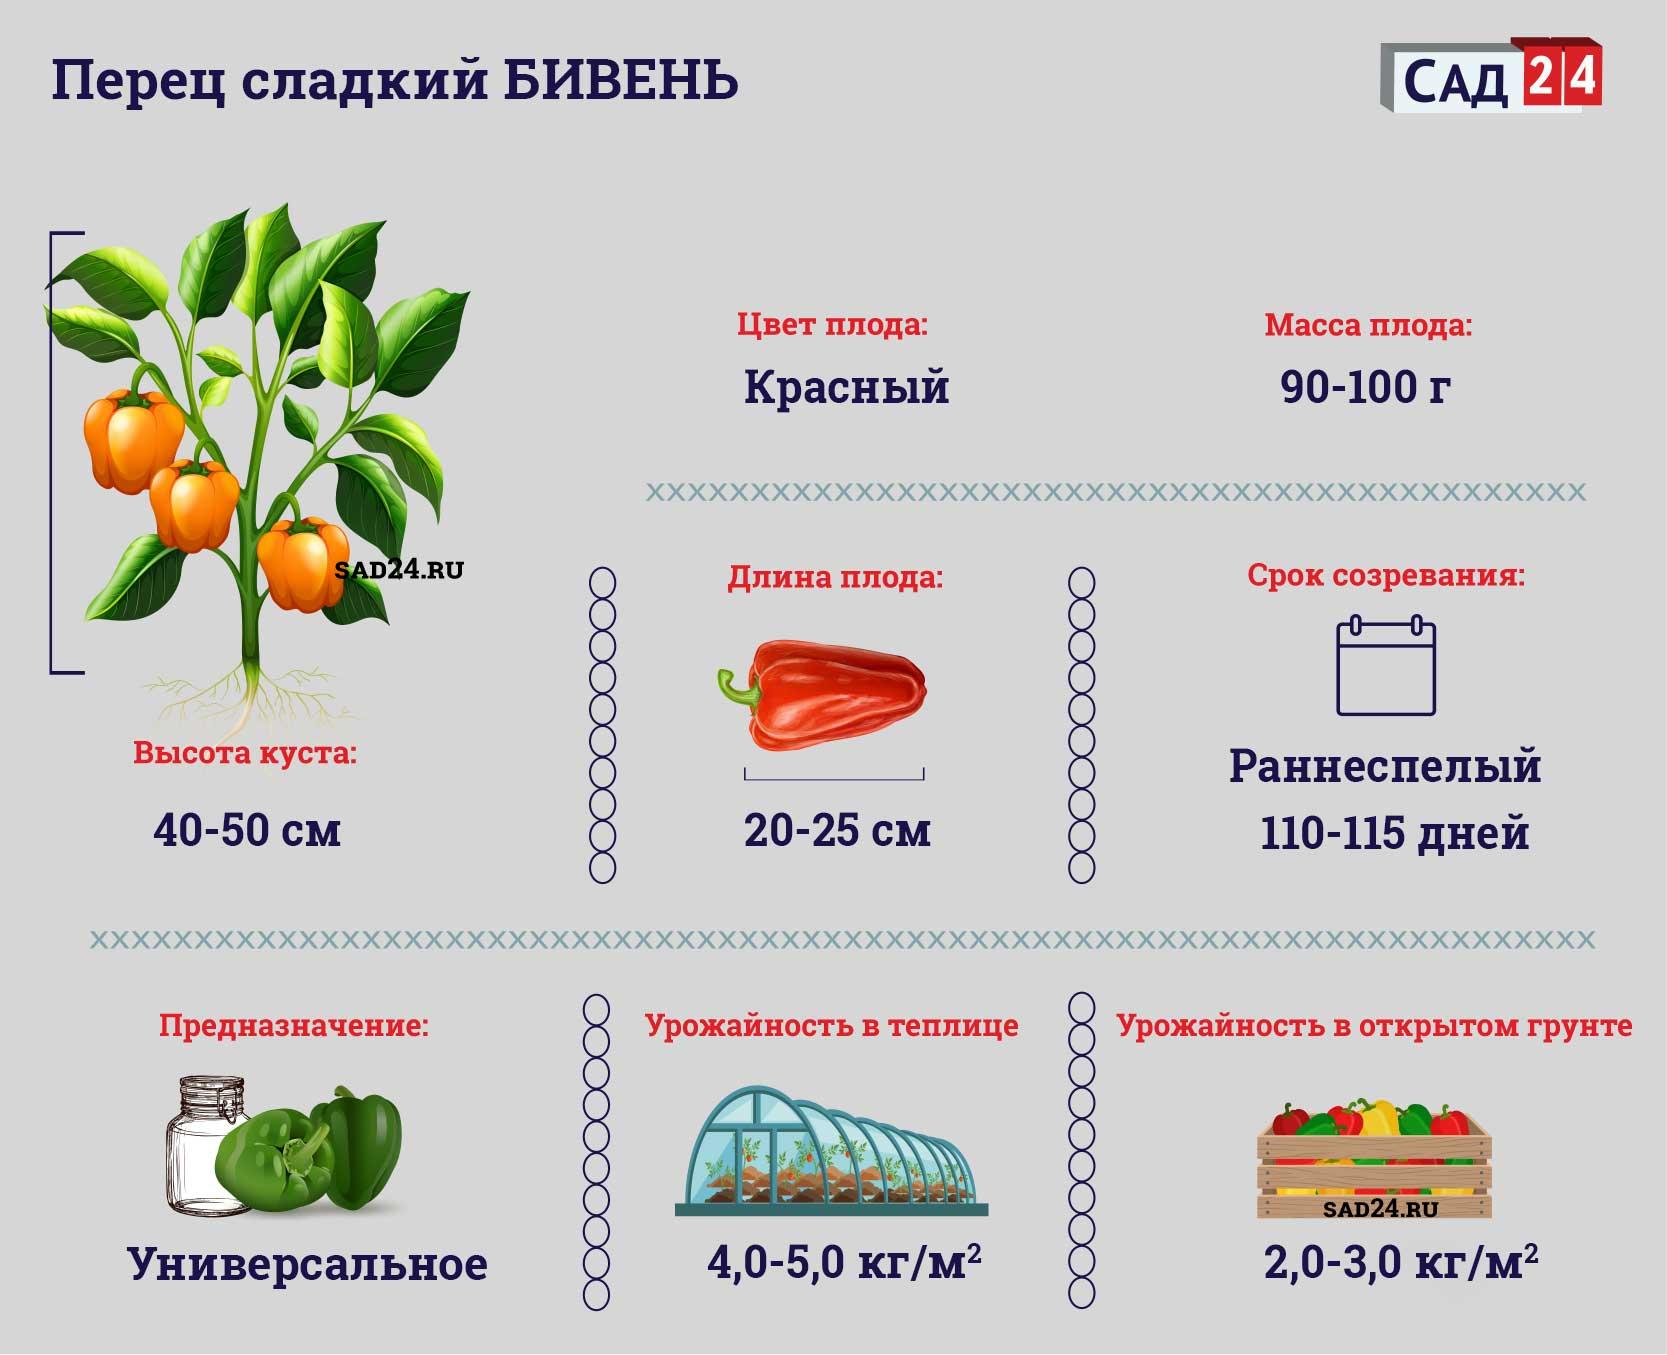 Бивень - https://sad24.ru